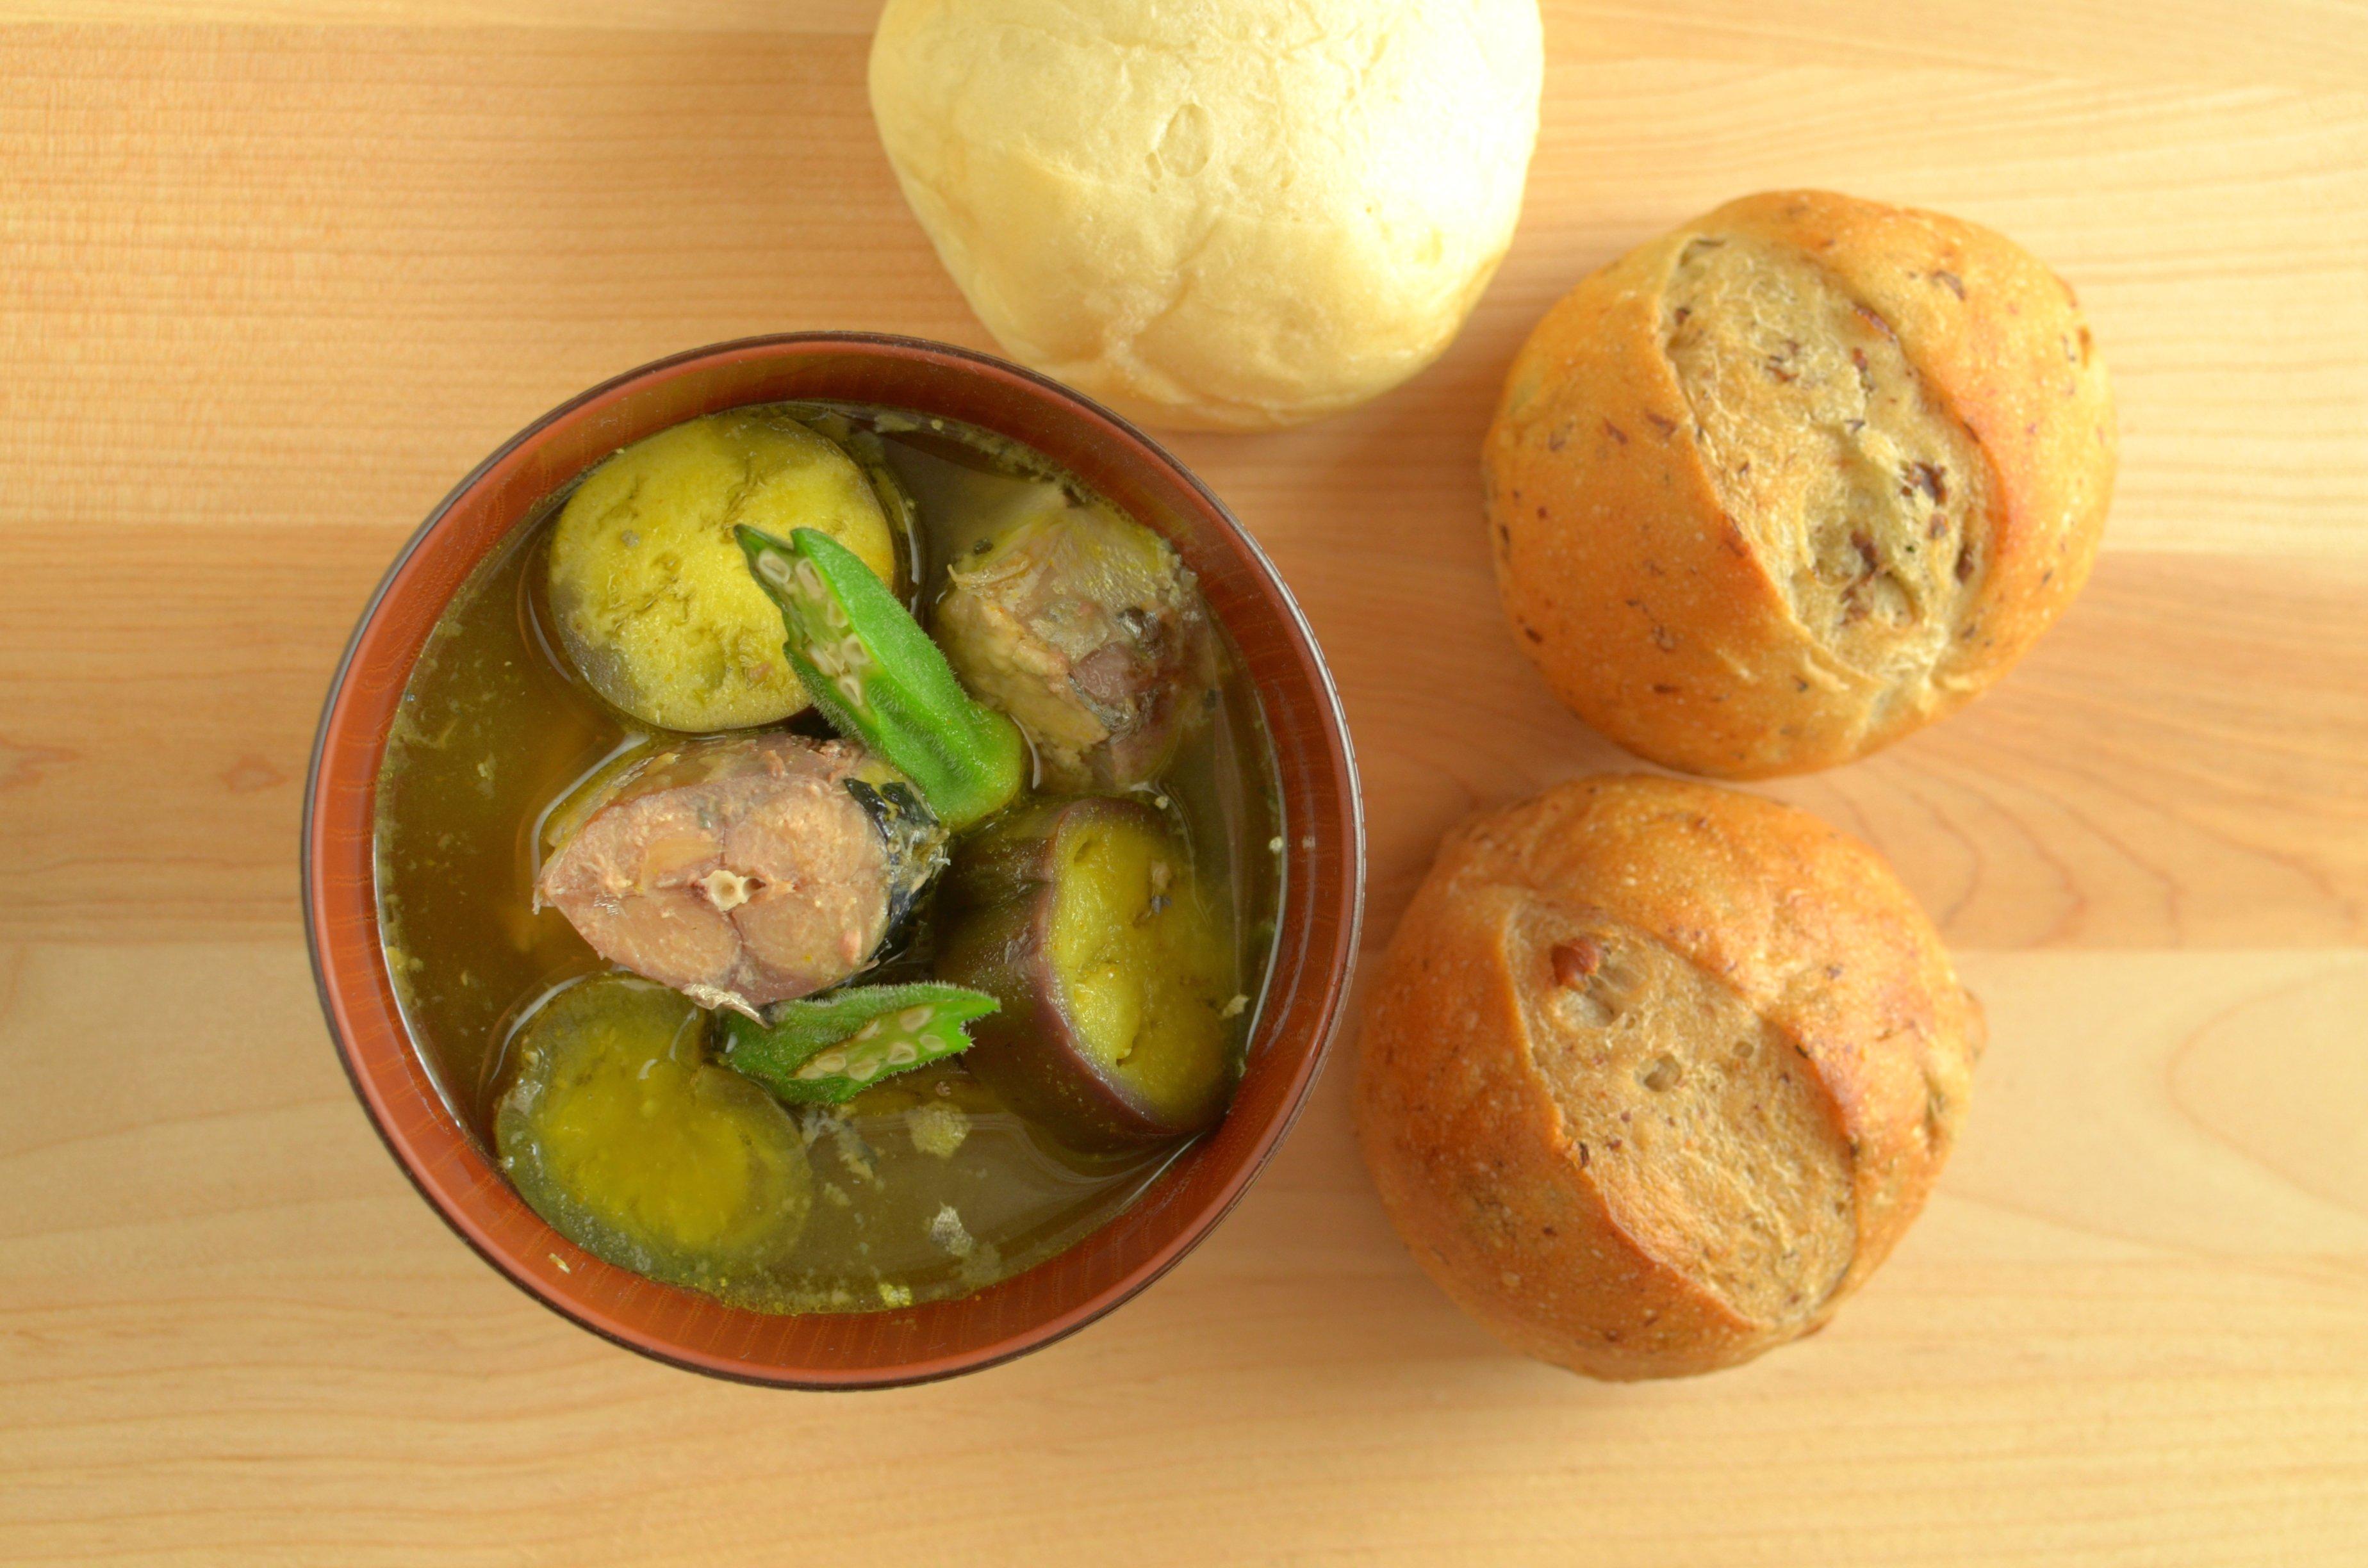 【一汁一ぱんのすすめ】鯖缶とカレーの味噌汁